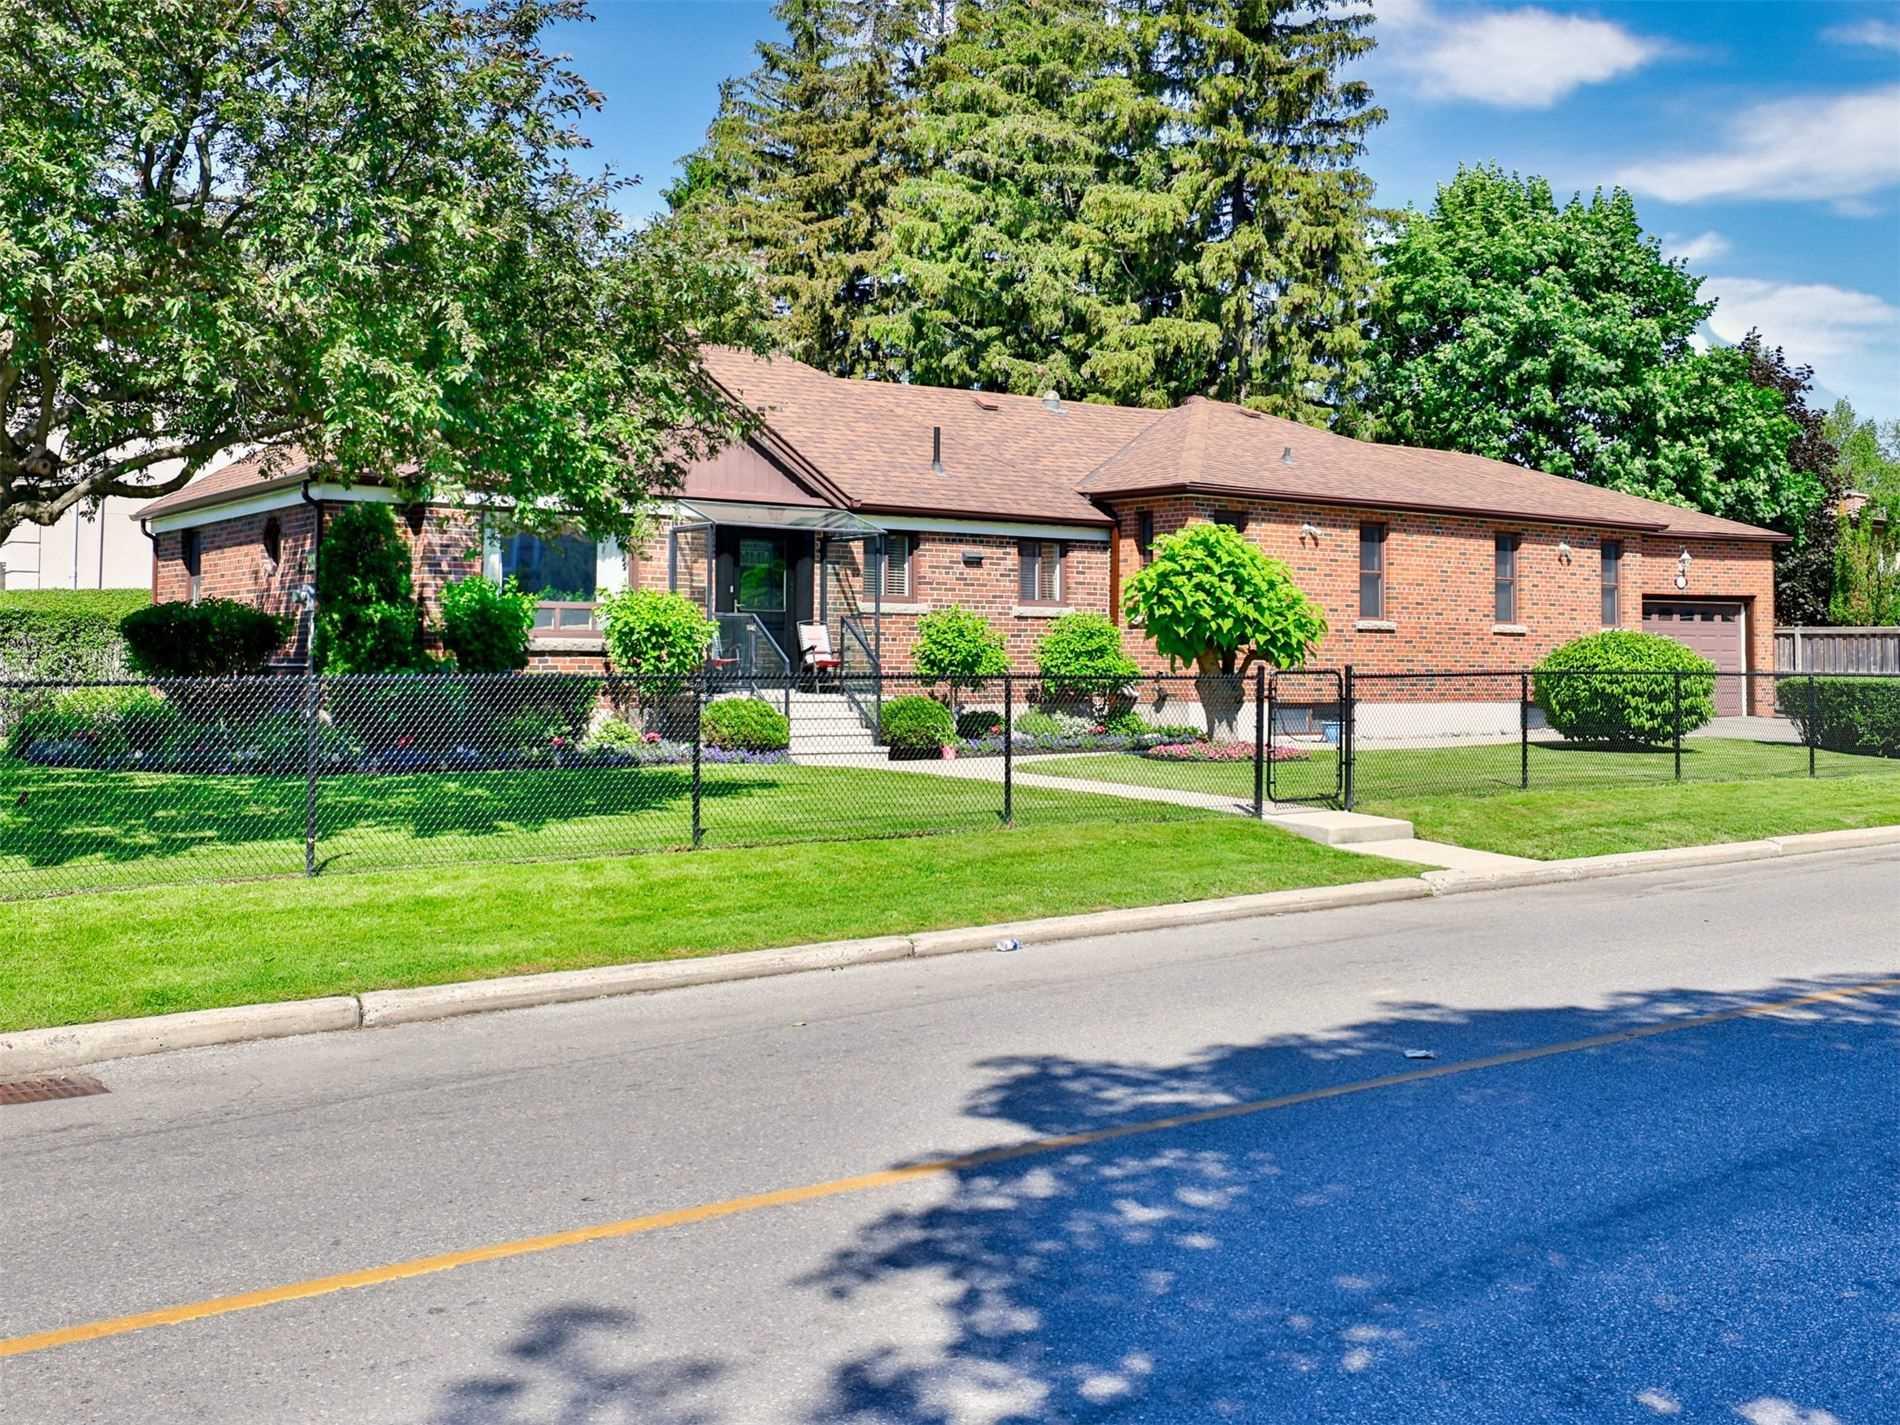 62 Laurelcrest  Ave - C5274181 - $1,799,500